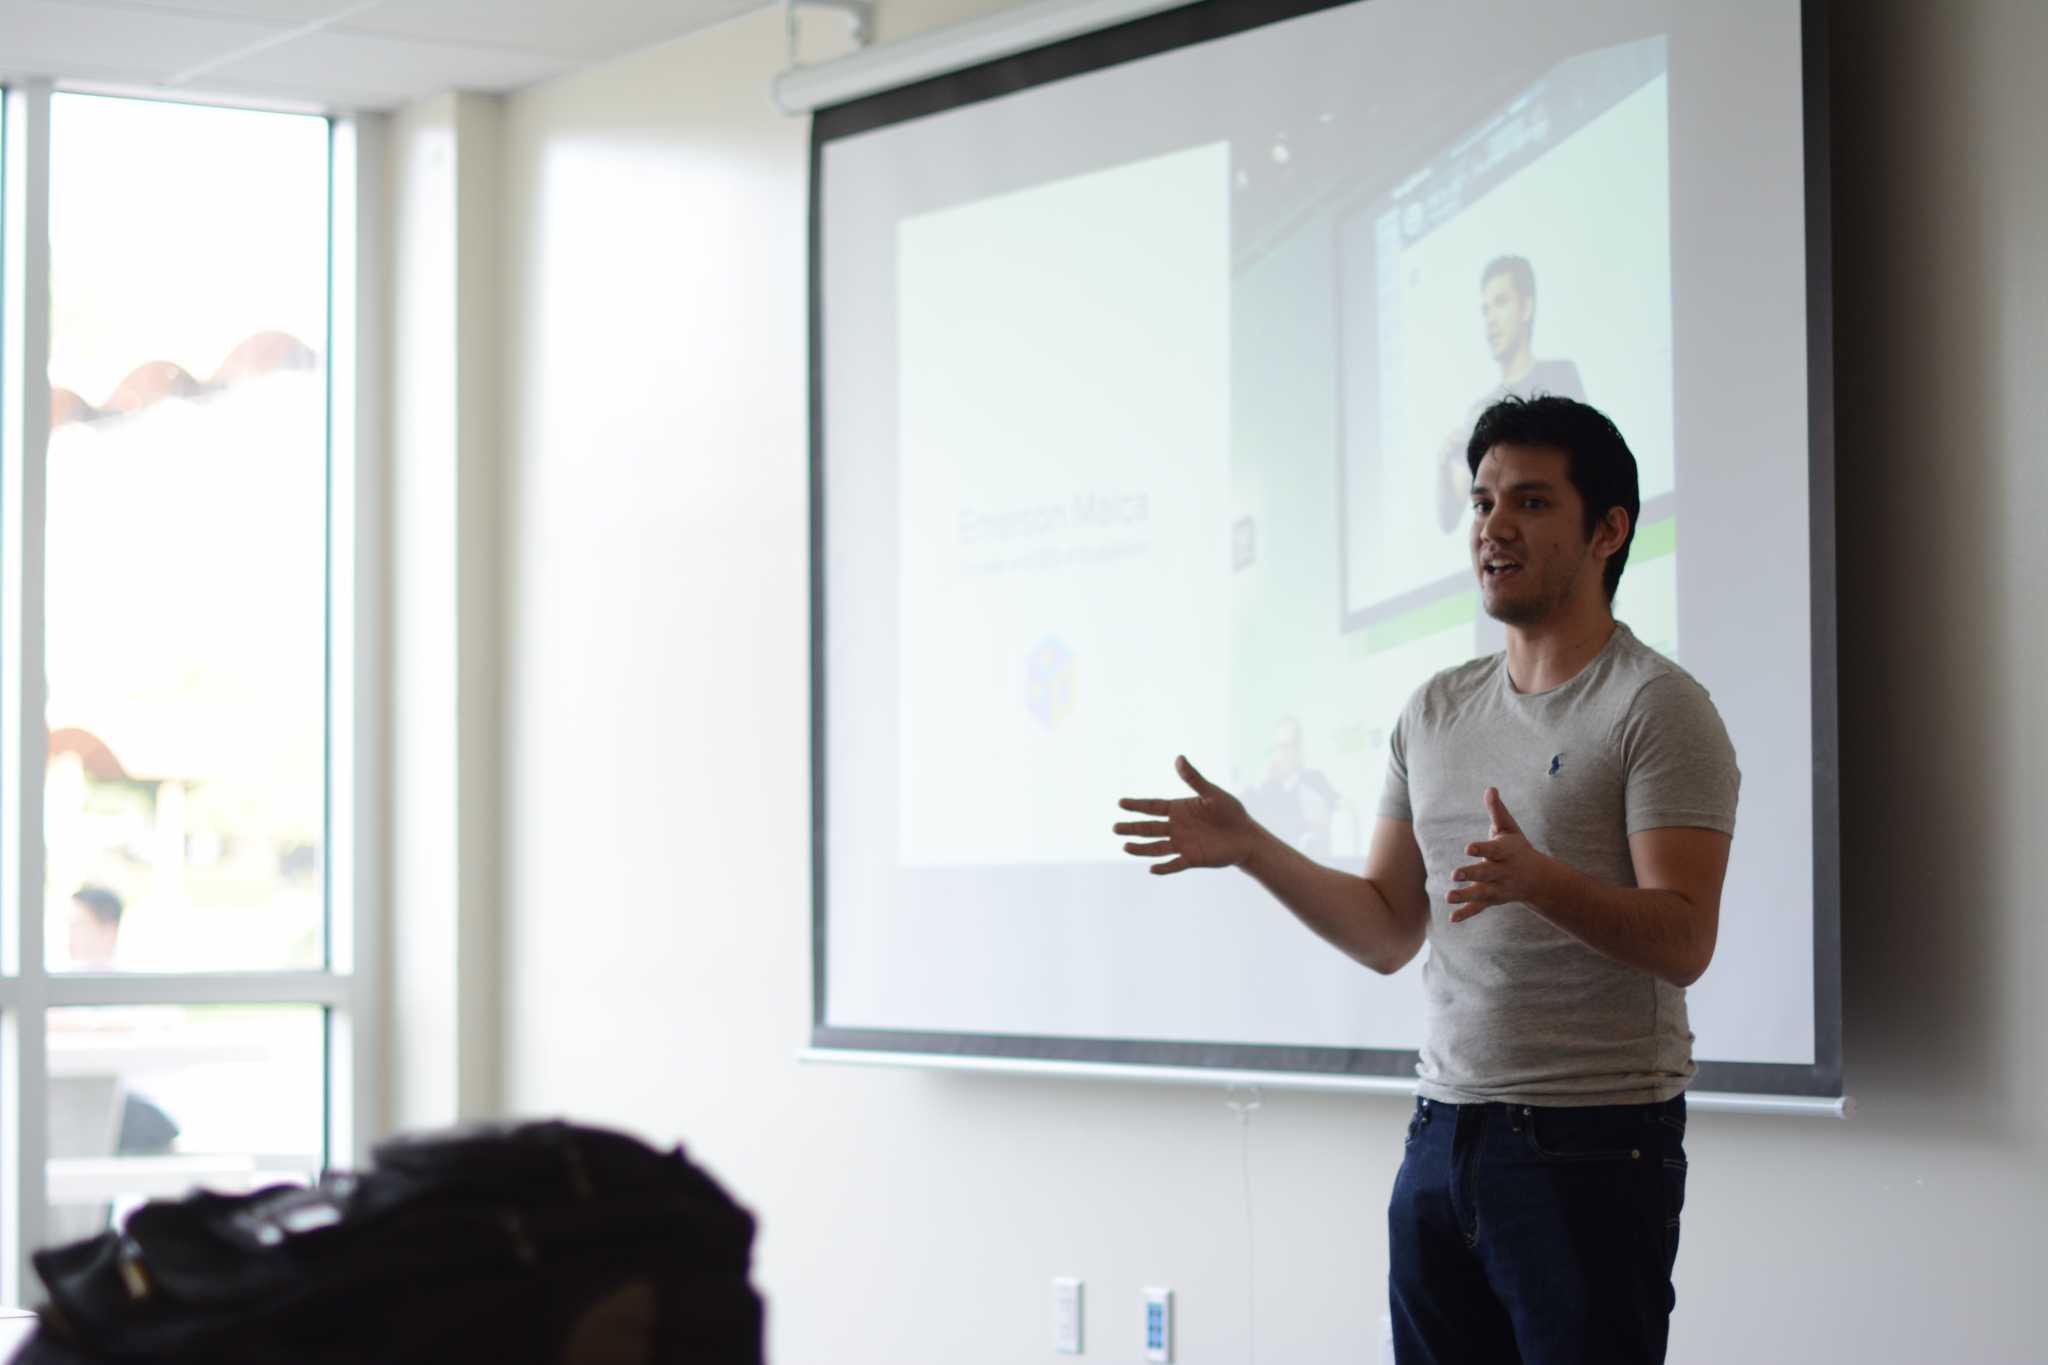 Student-run startup helps students run startups